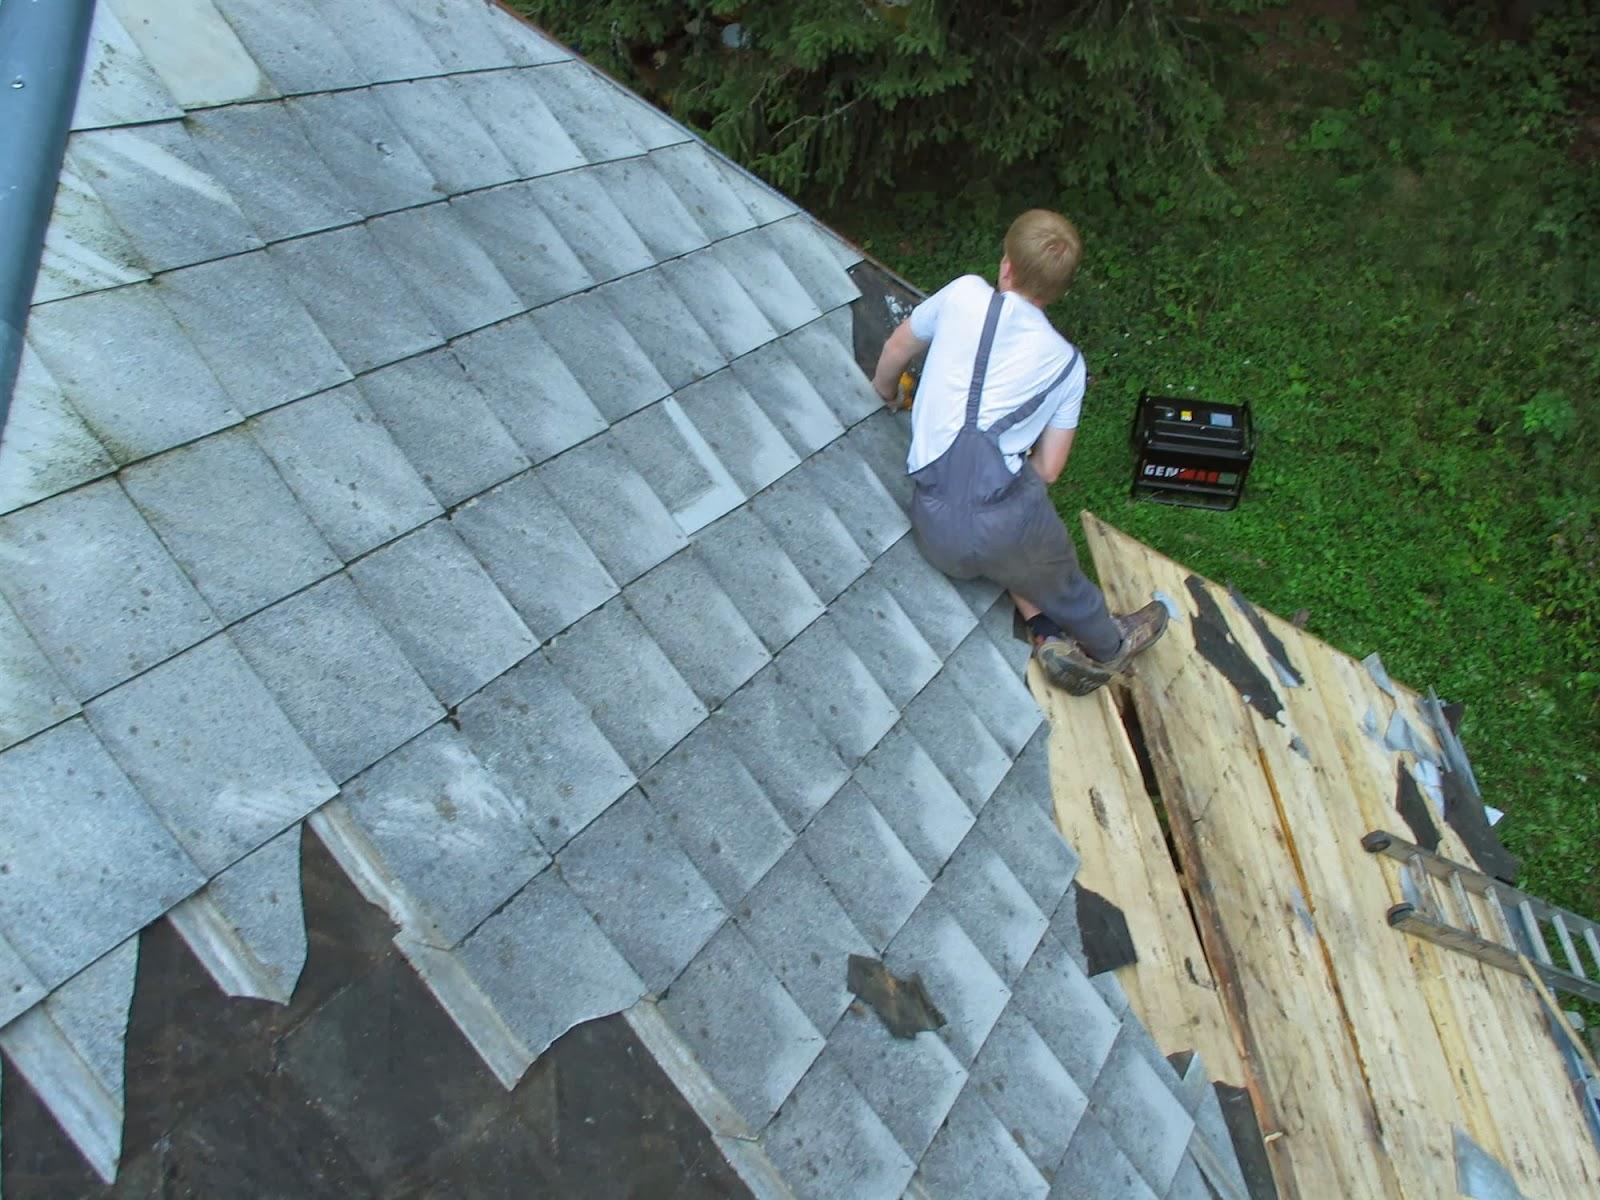 Delovna akcija - Streha, Črni dol 2006 - streha%2B045.jpg